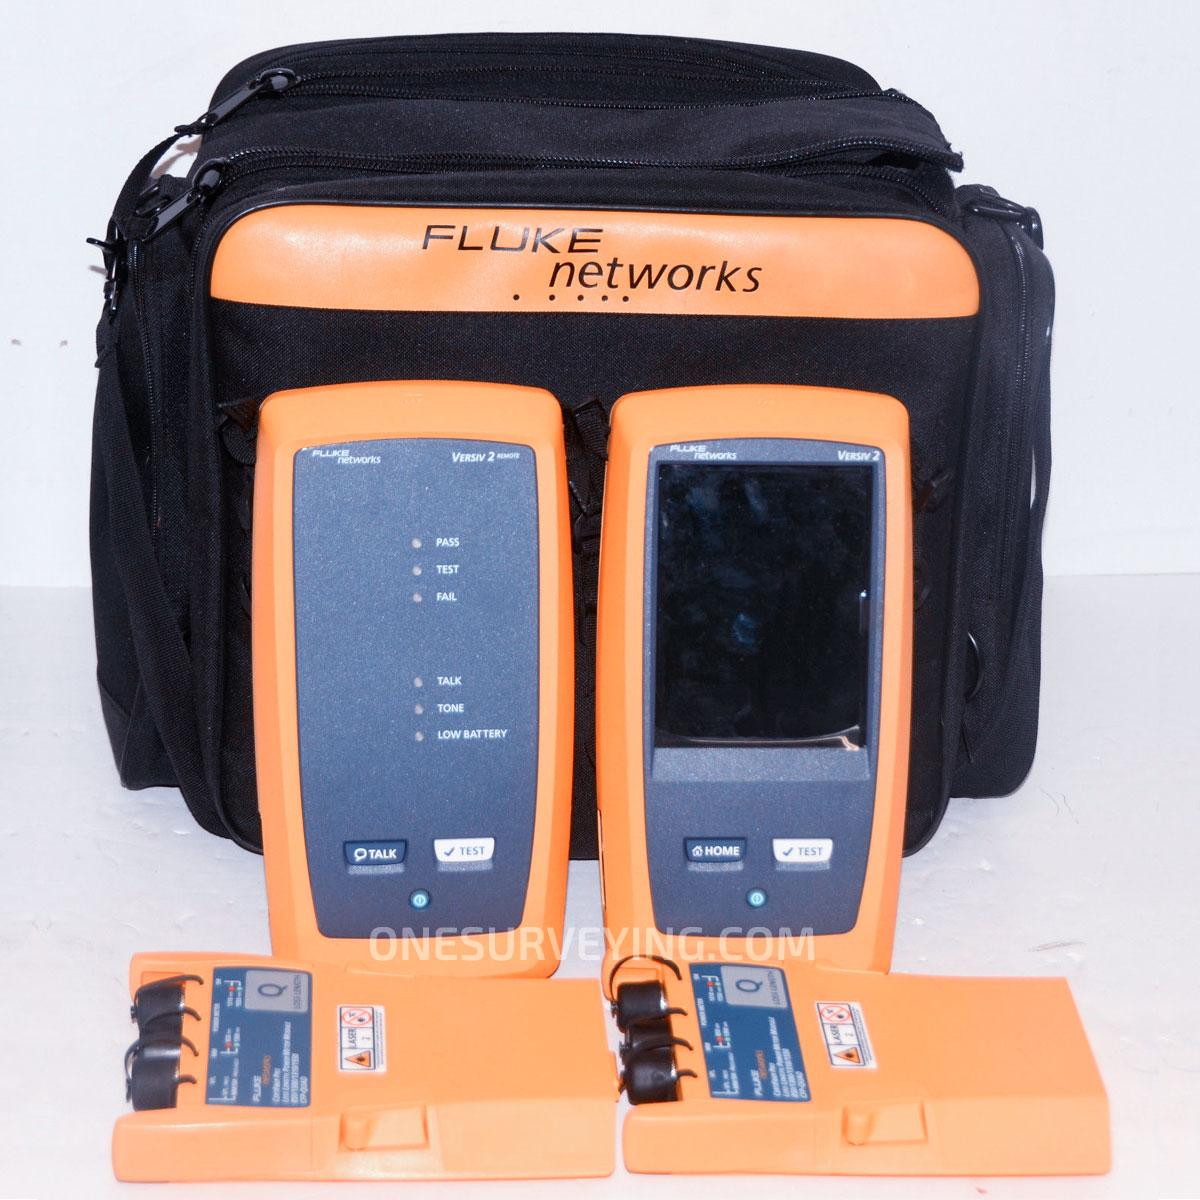 Fluke-Networks-DSX2-8000QI-2GHz-Quad-OTDR-OLTS-Insp-V2-WiFi.jpg